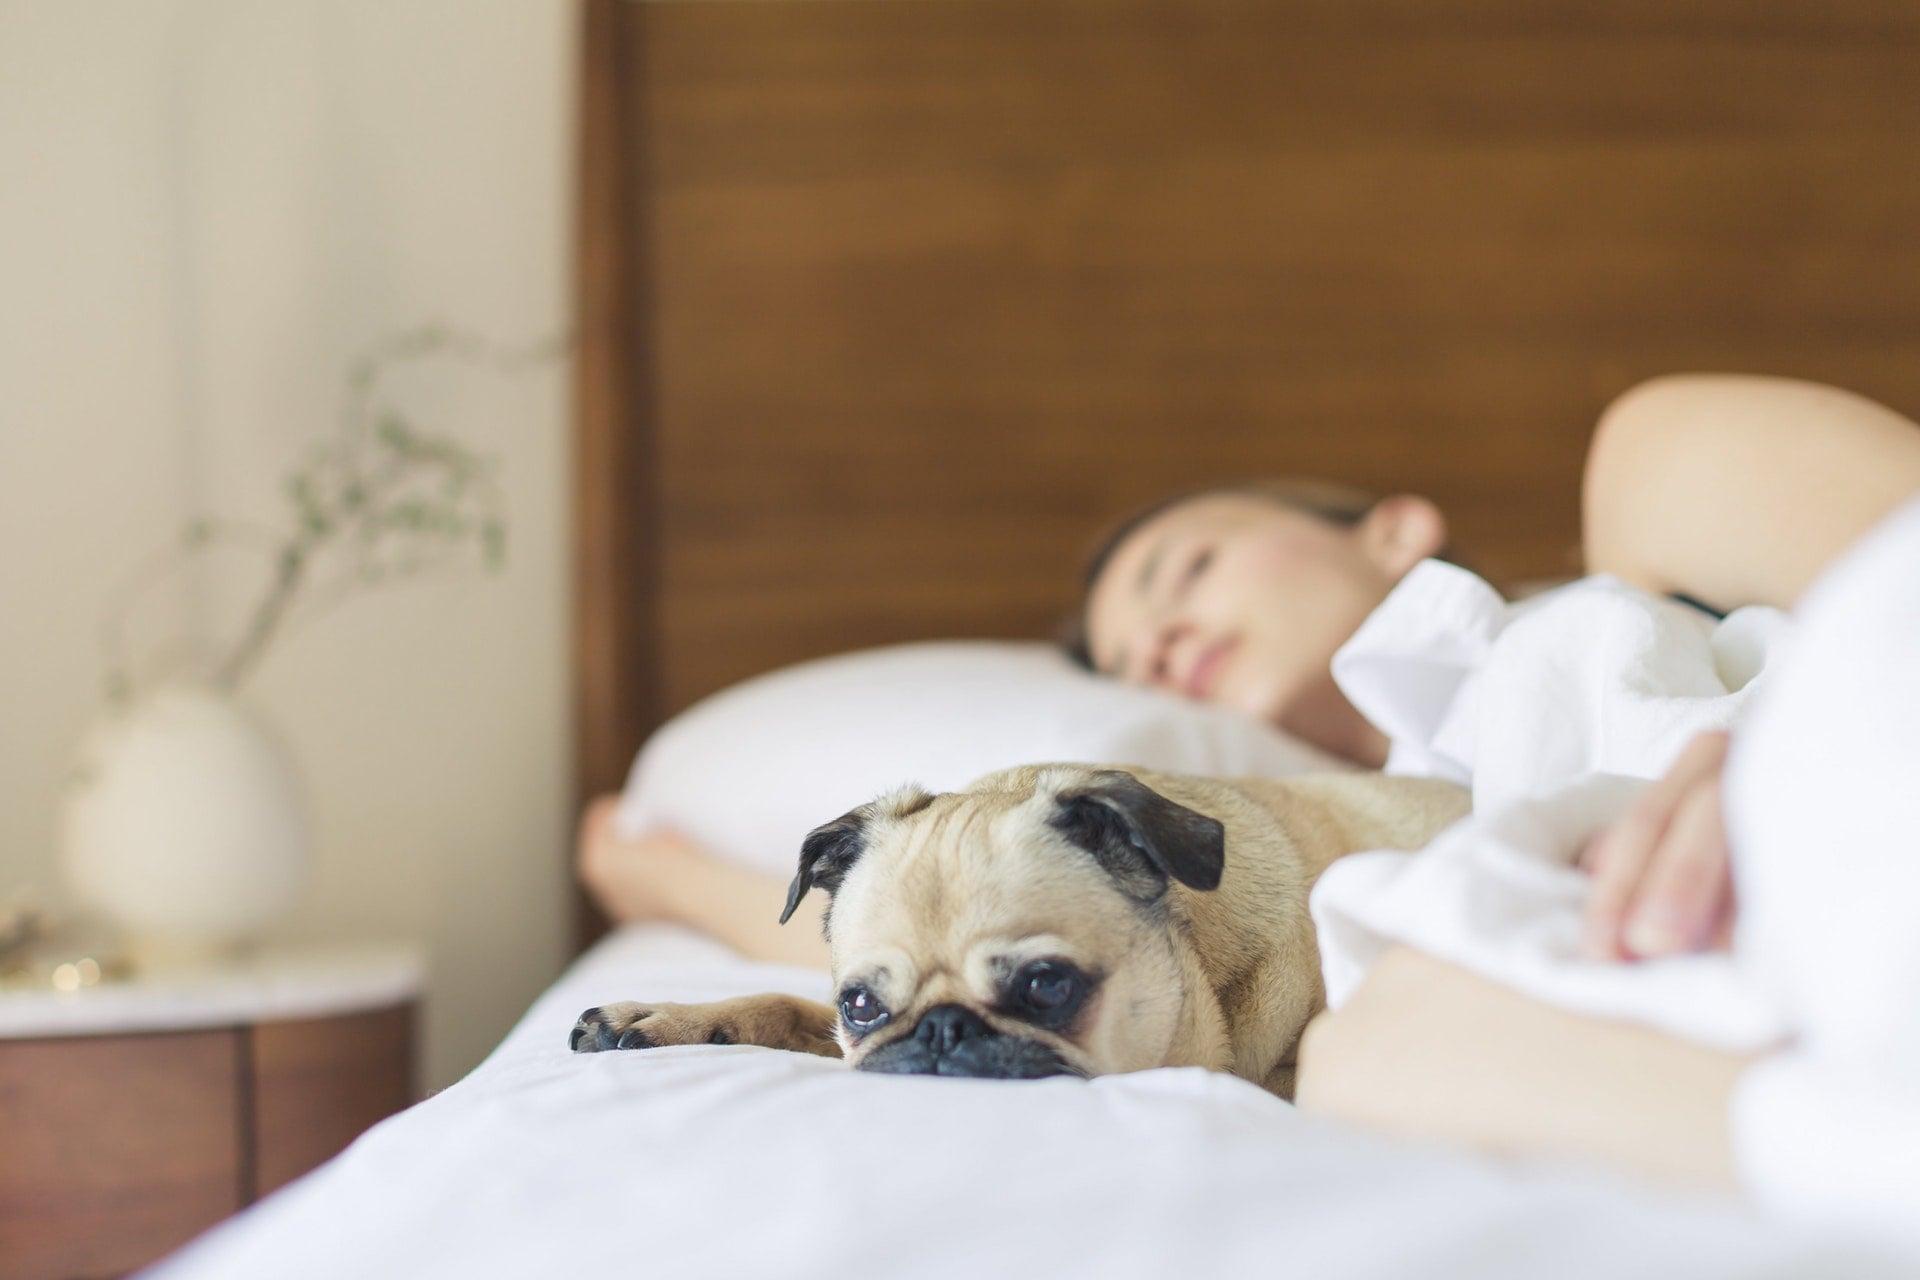 增加睡眠品質讓人一夜好眠地容易入睡的 3 個小技巧 bed bedroom cute dog girl sleep